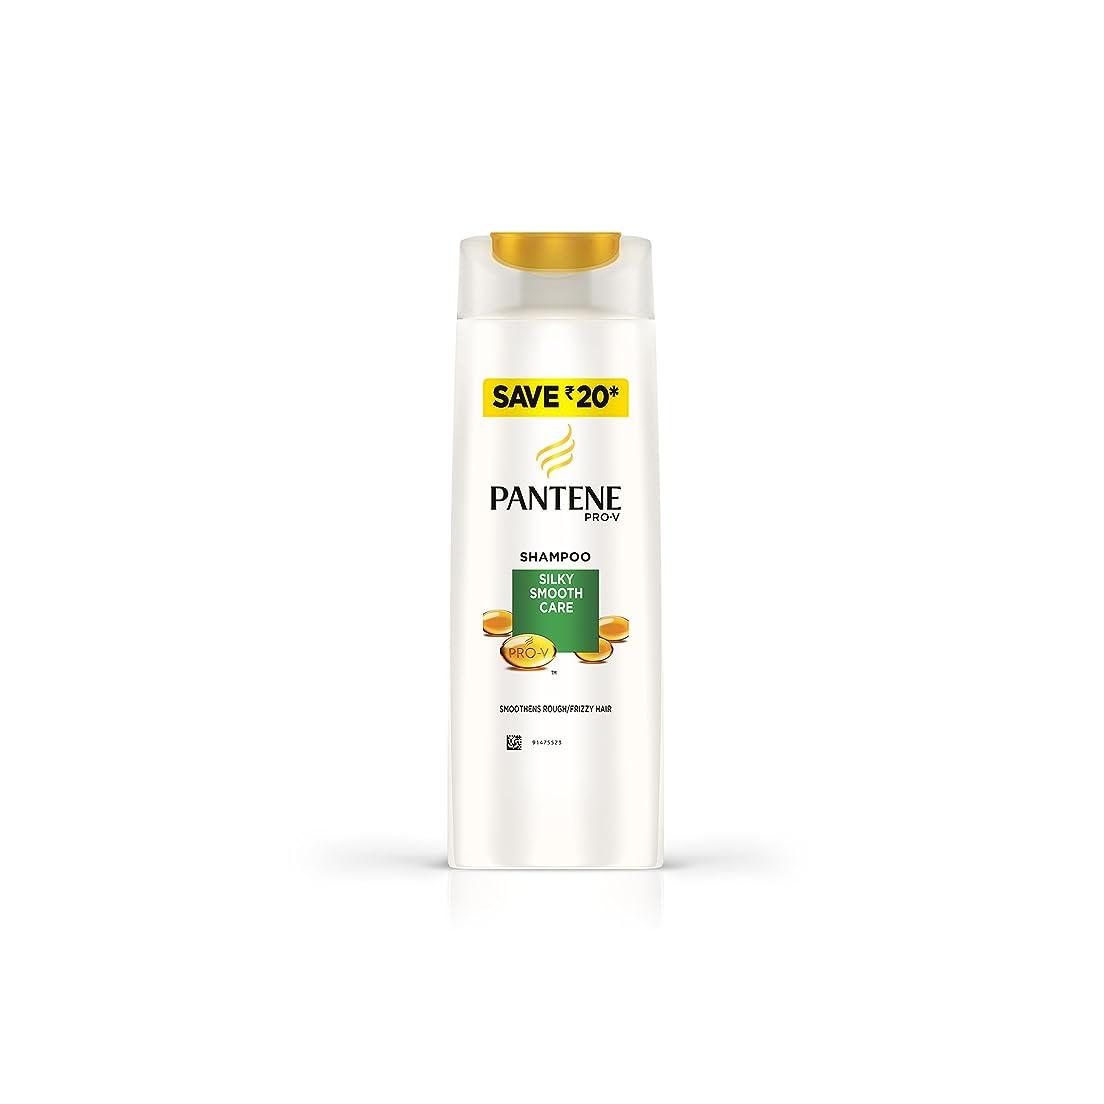 救出病弱パキスタンPANTENE SILKY SMOOTH CARE SHAMPOO 180 ml (PANTENE SILKYスムースケアシャンプー180 ml)